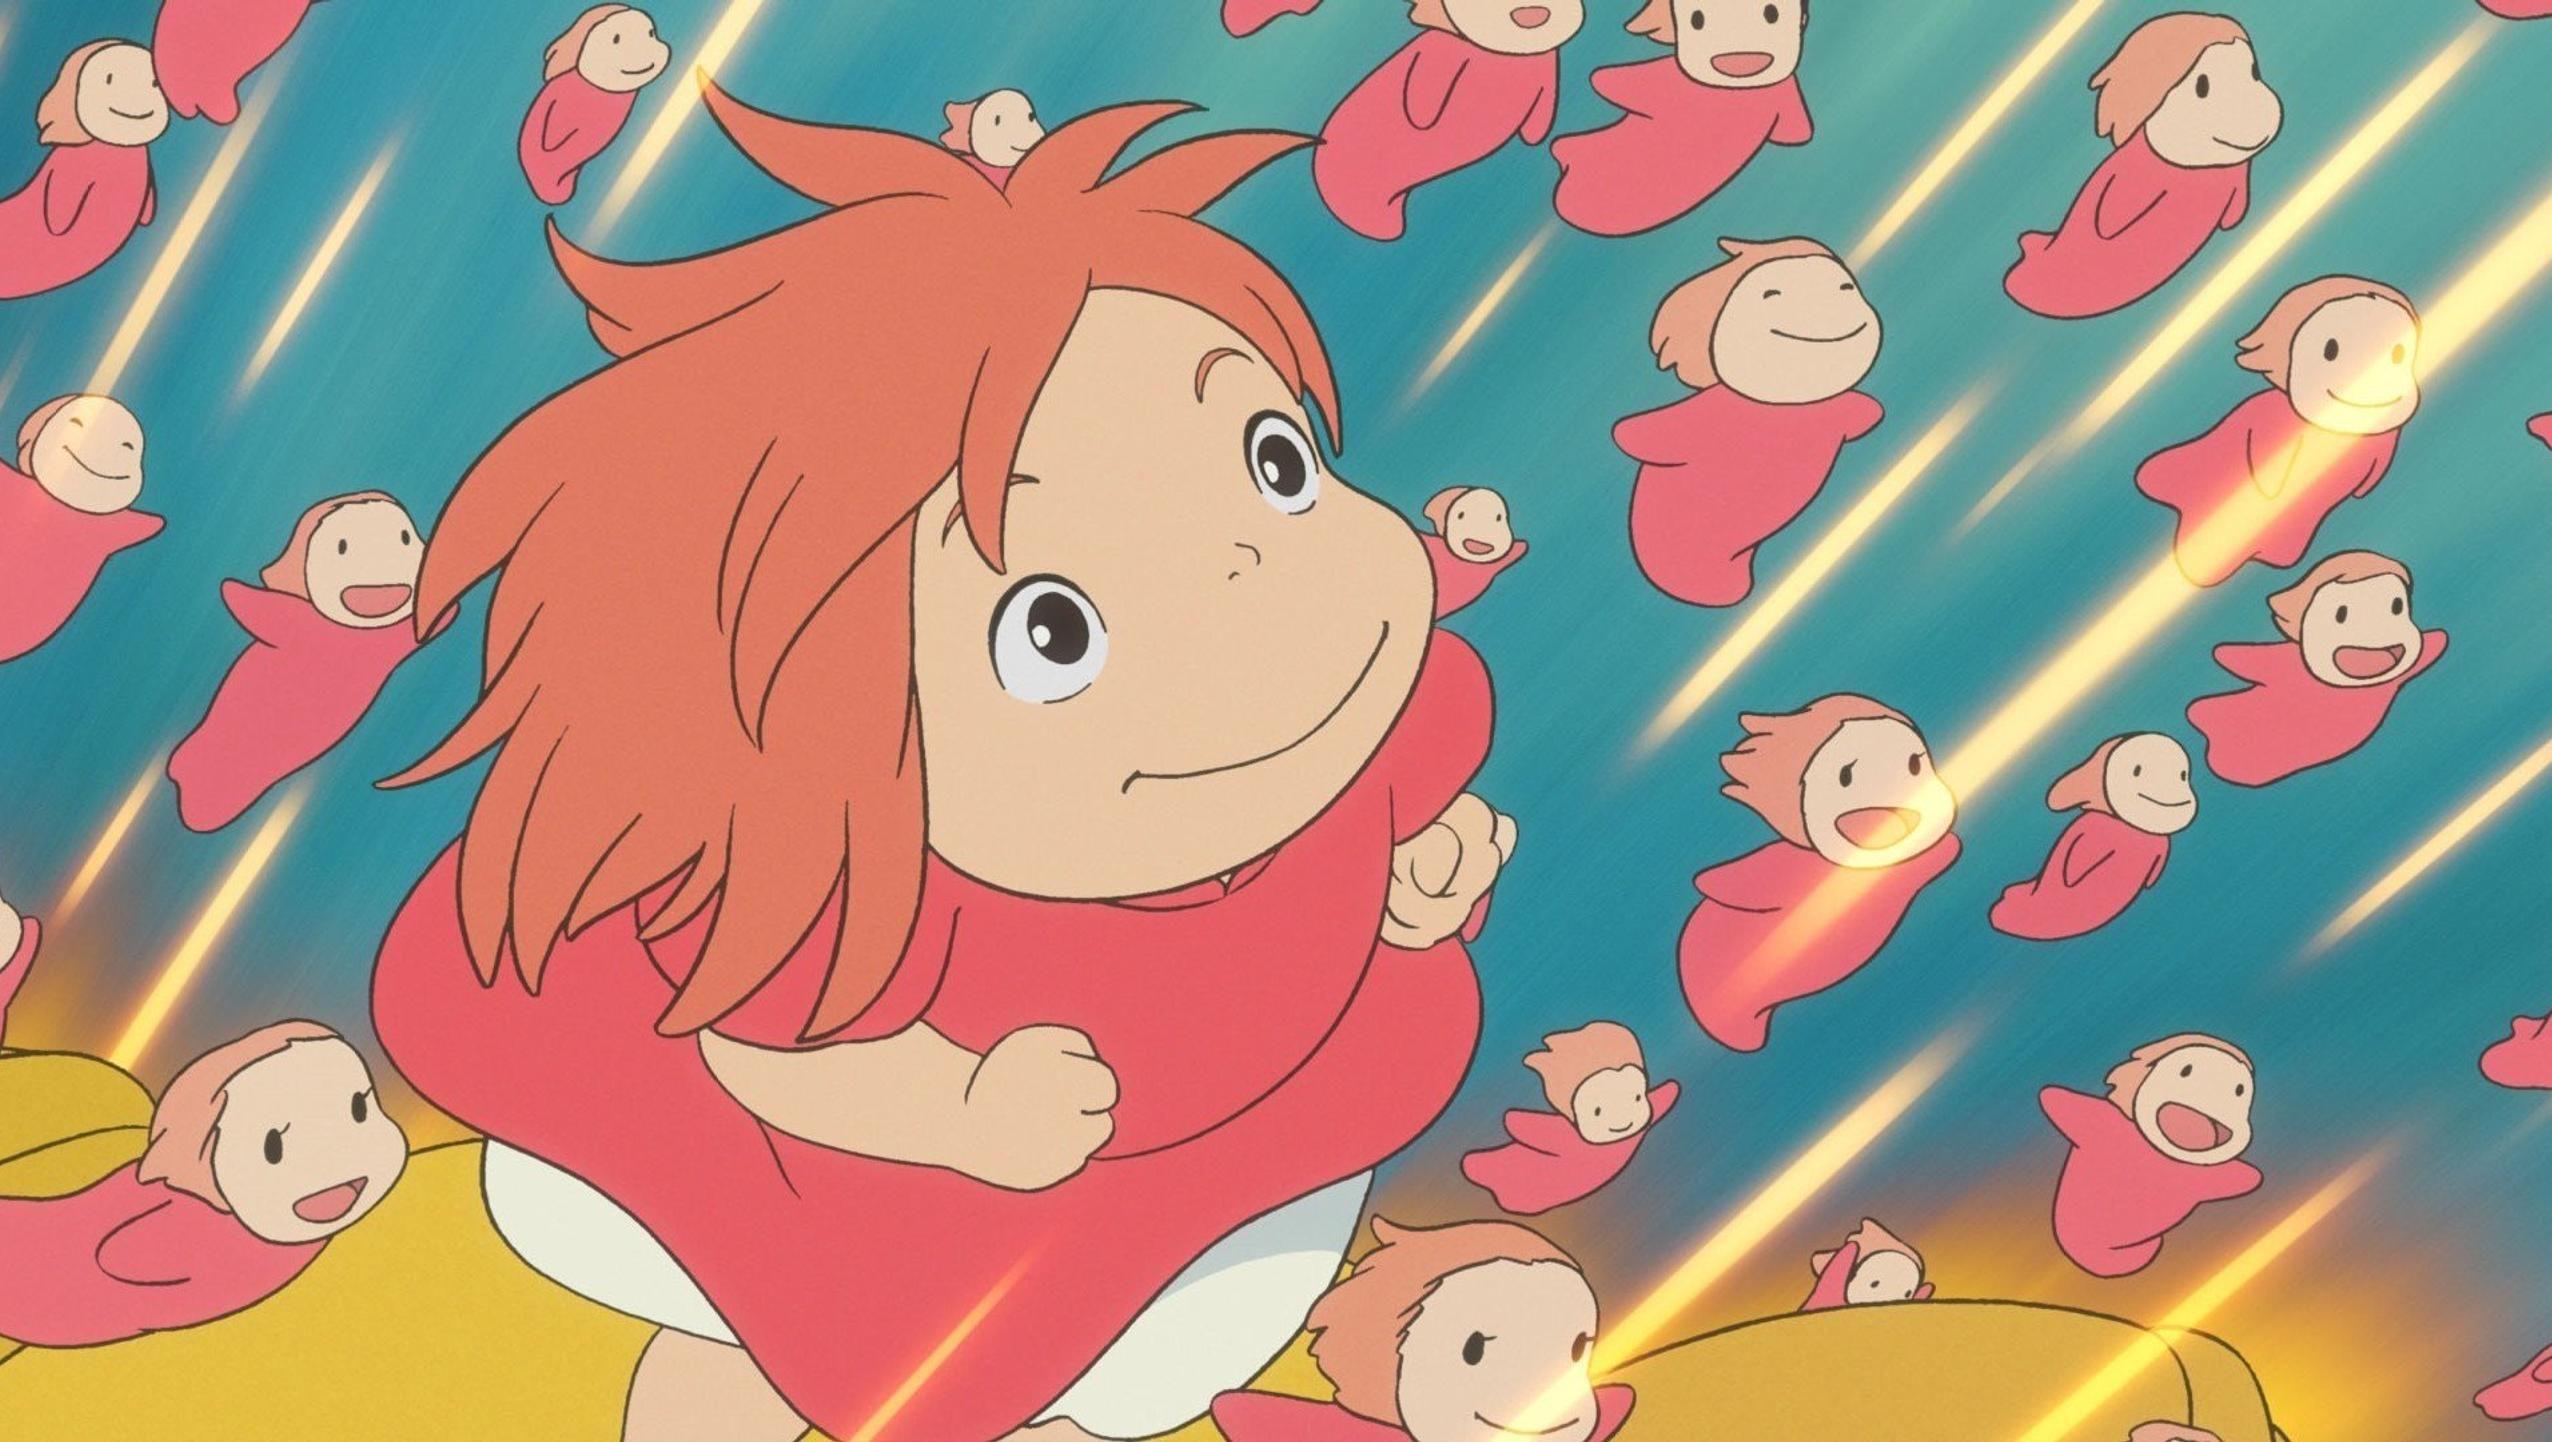 Ponyo 2008 Desktop Wallpaper Moviemania Studio Ghibli Movies Ghibli Movies Ponyo